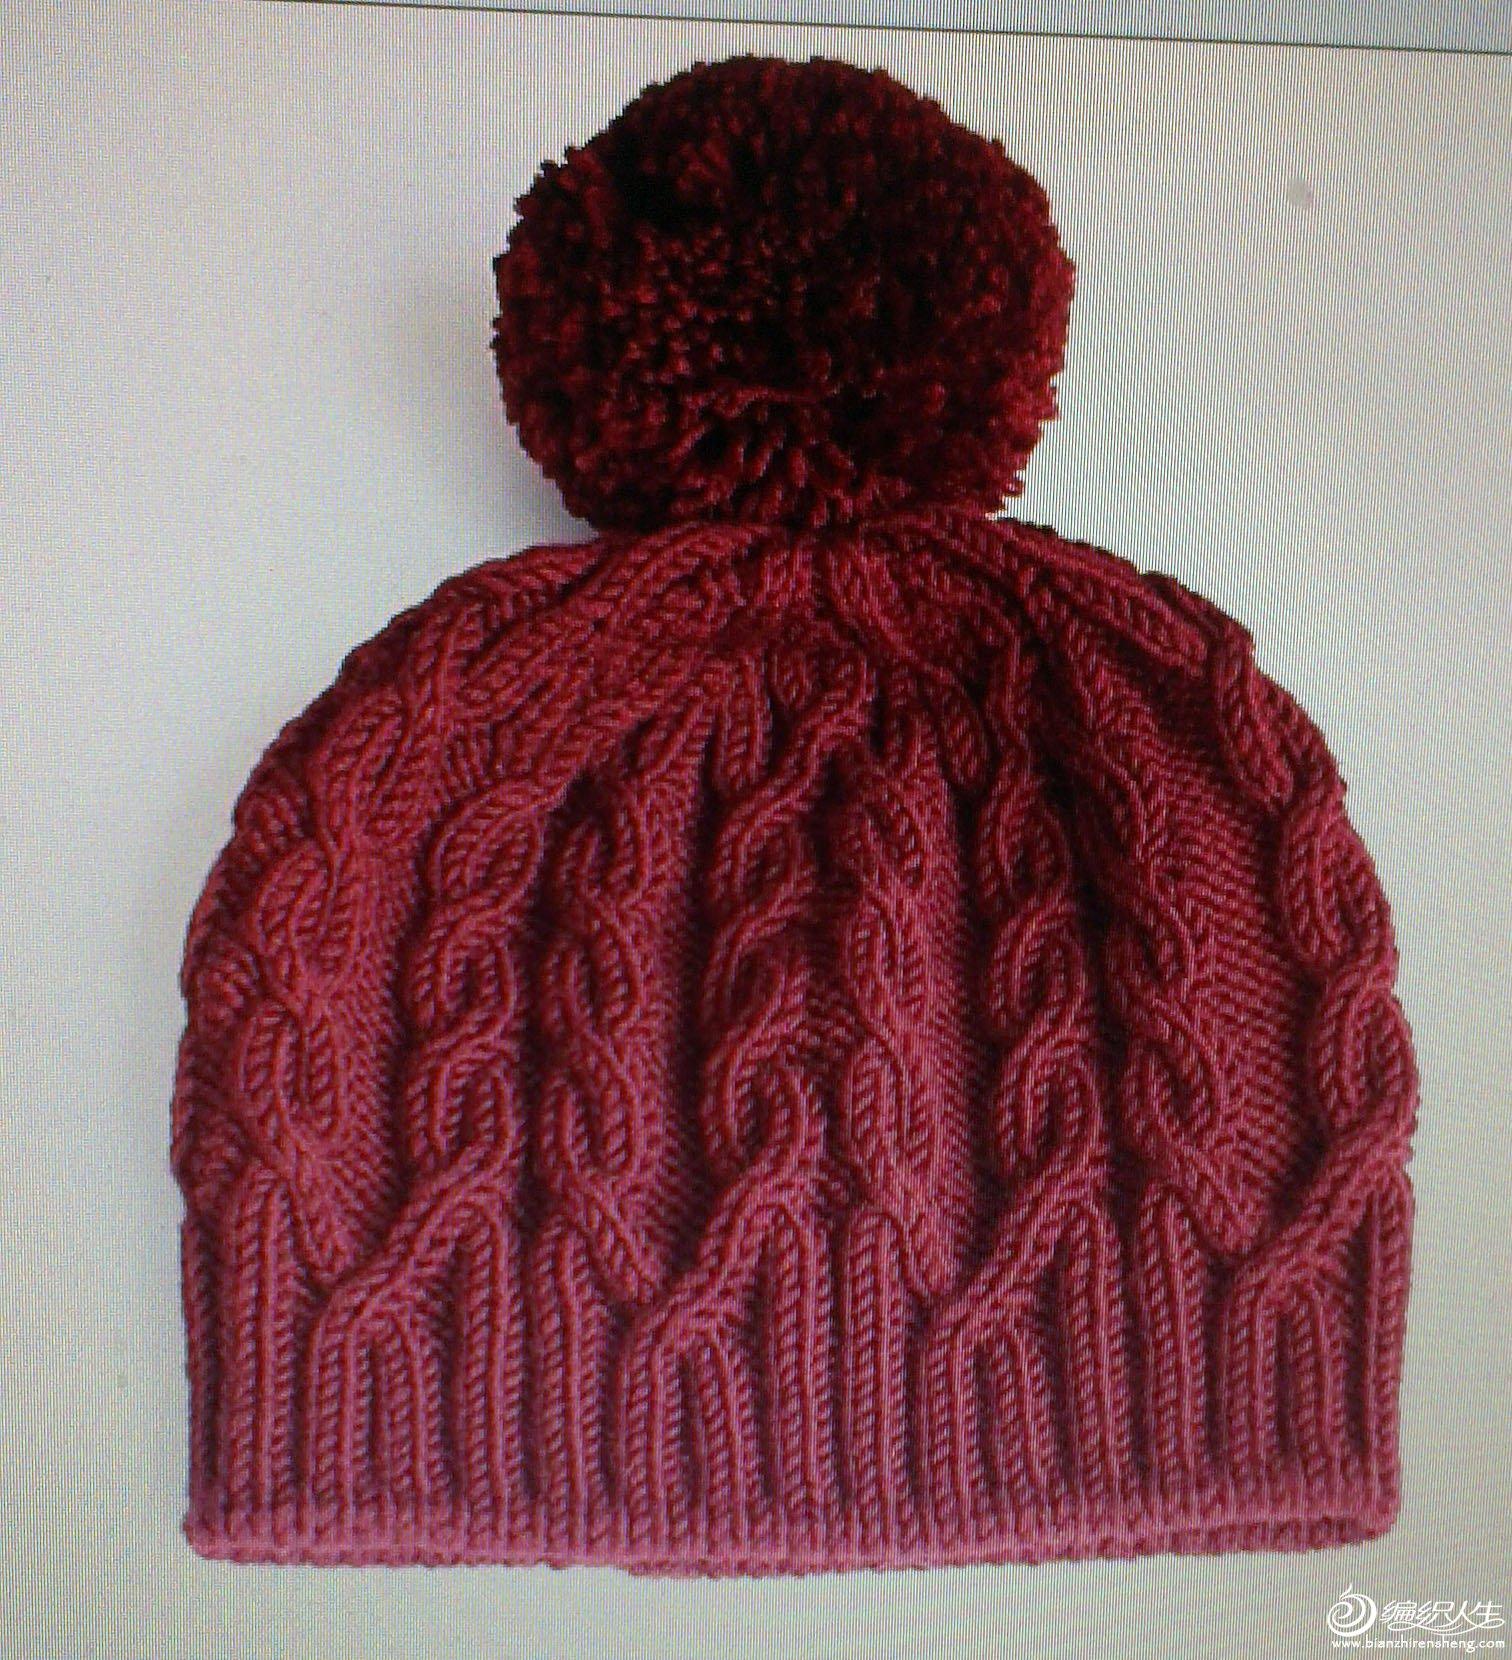 钩针编织婴儿帽子教程